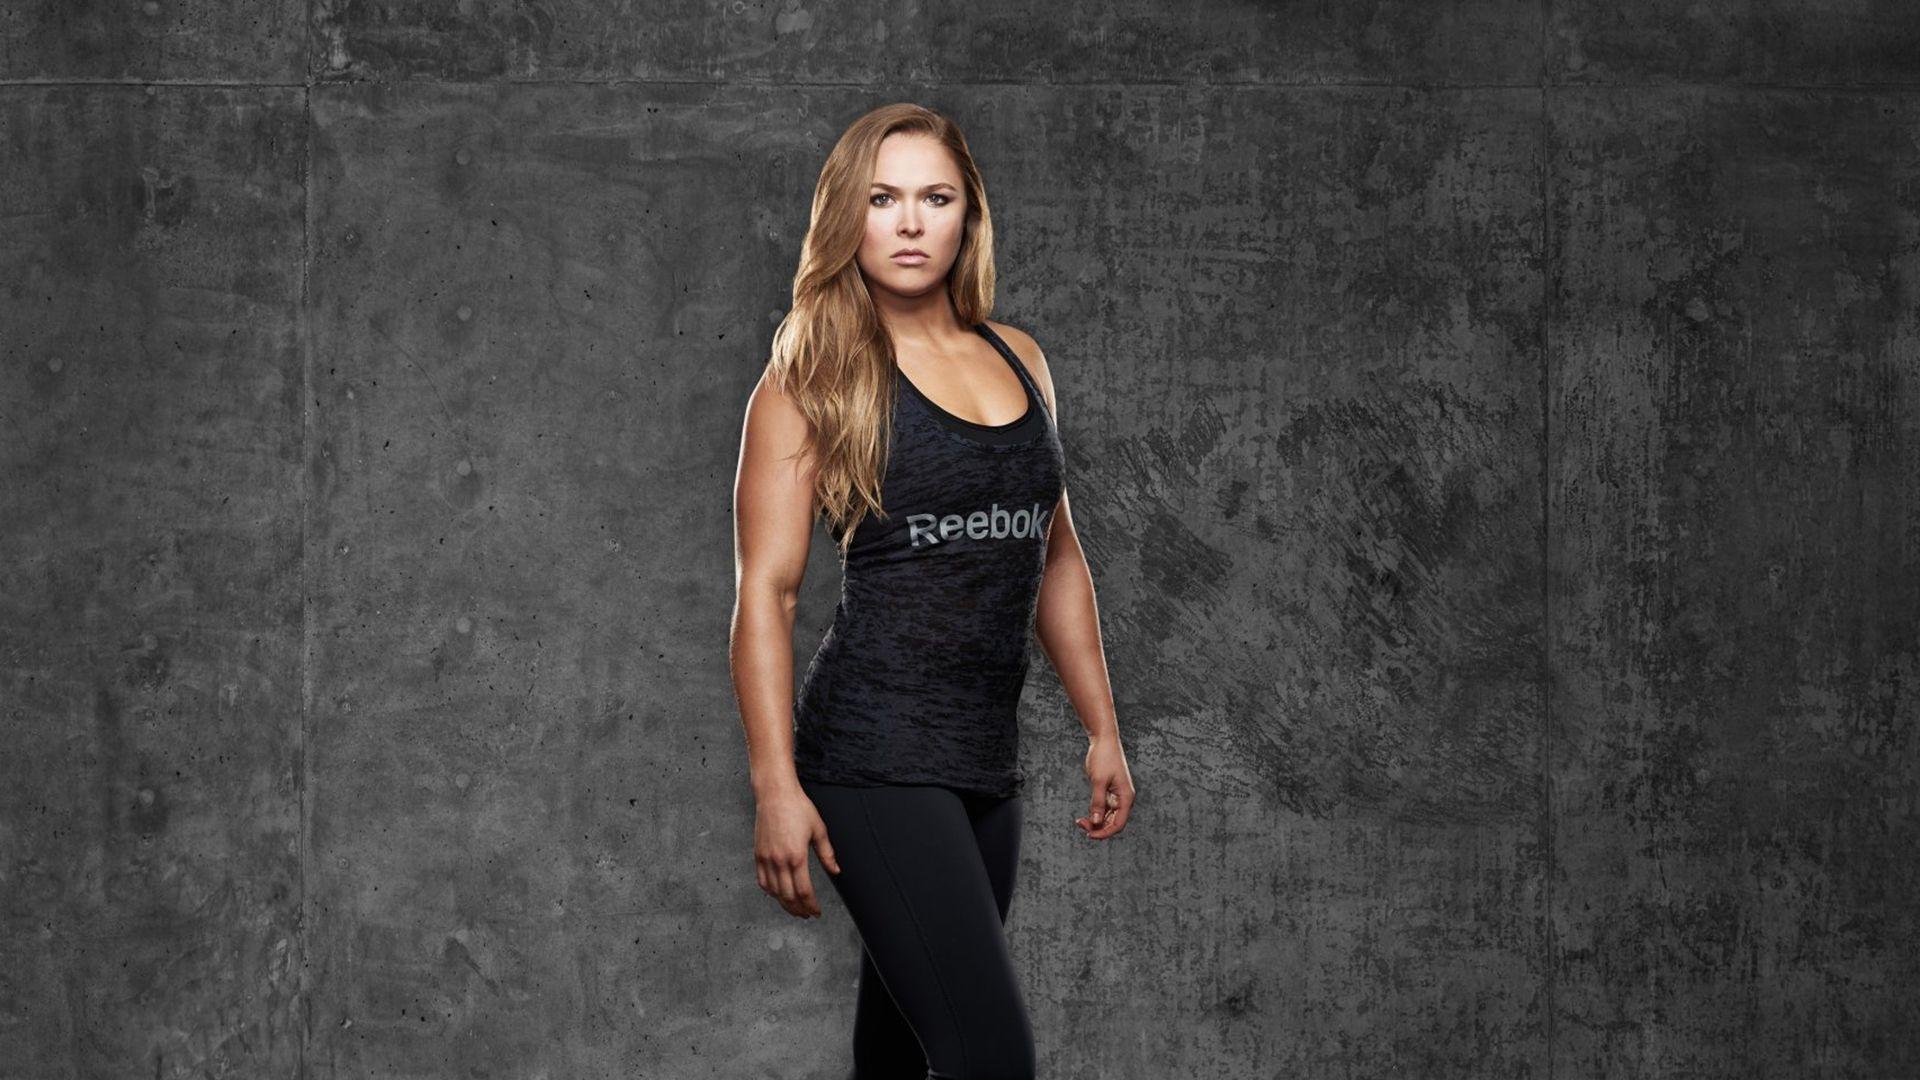 Ronda Rousey a wallpaper